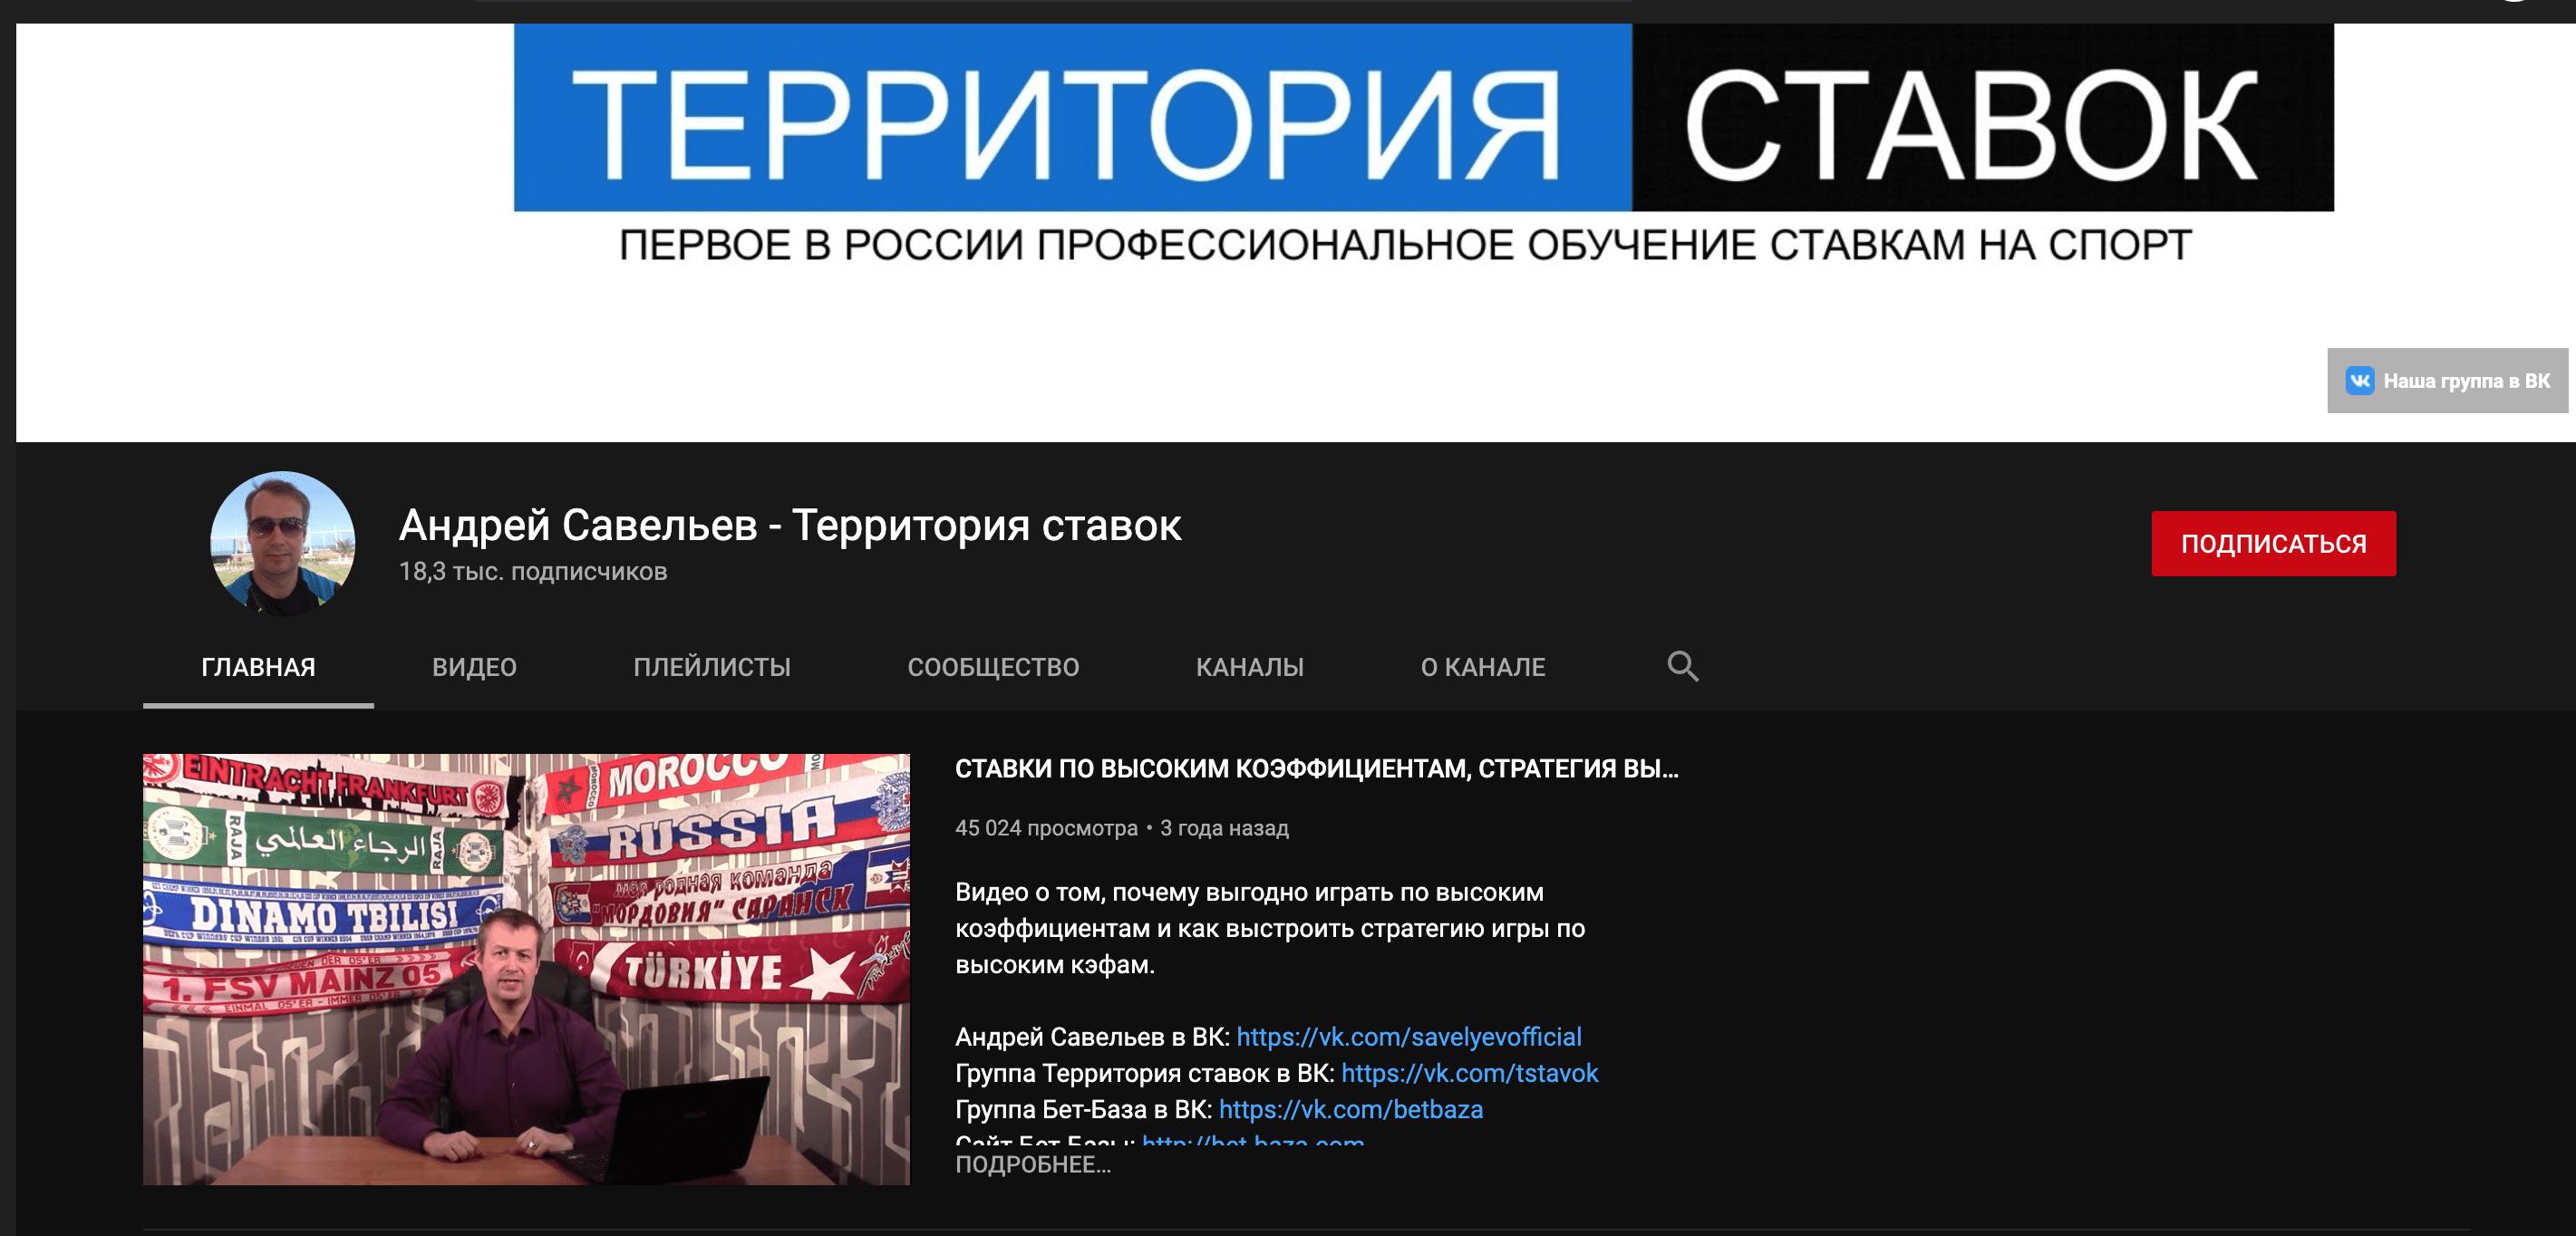 Ютуб канал Территория ставок с Андреем Савельевым